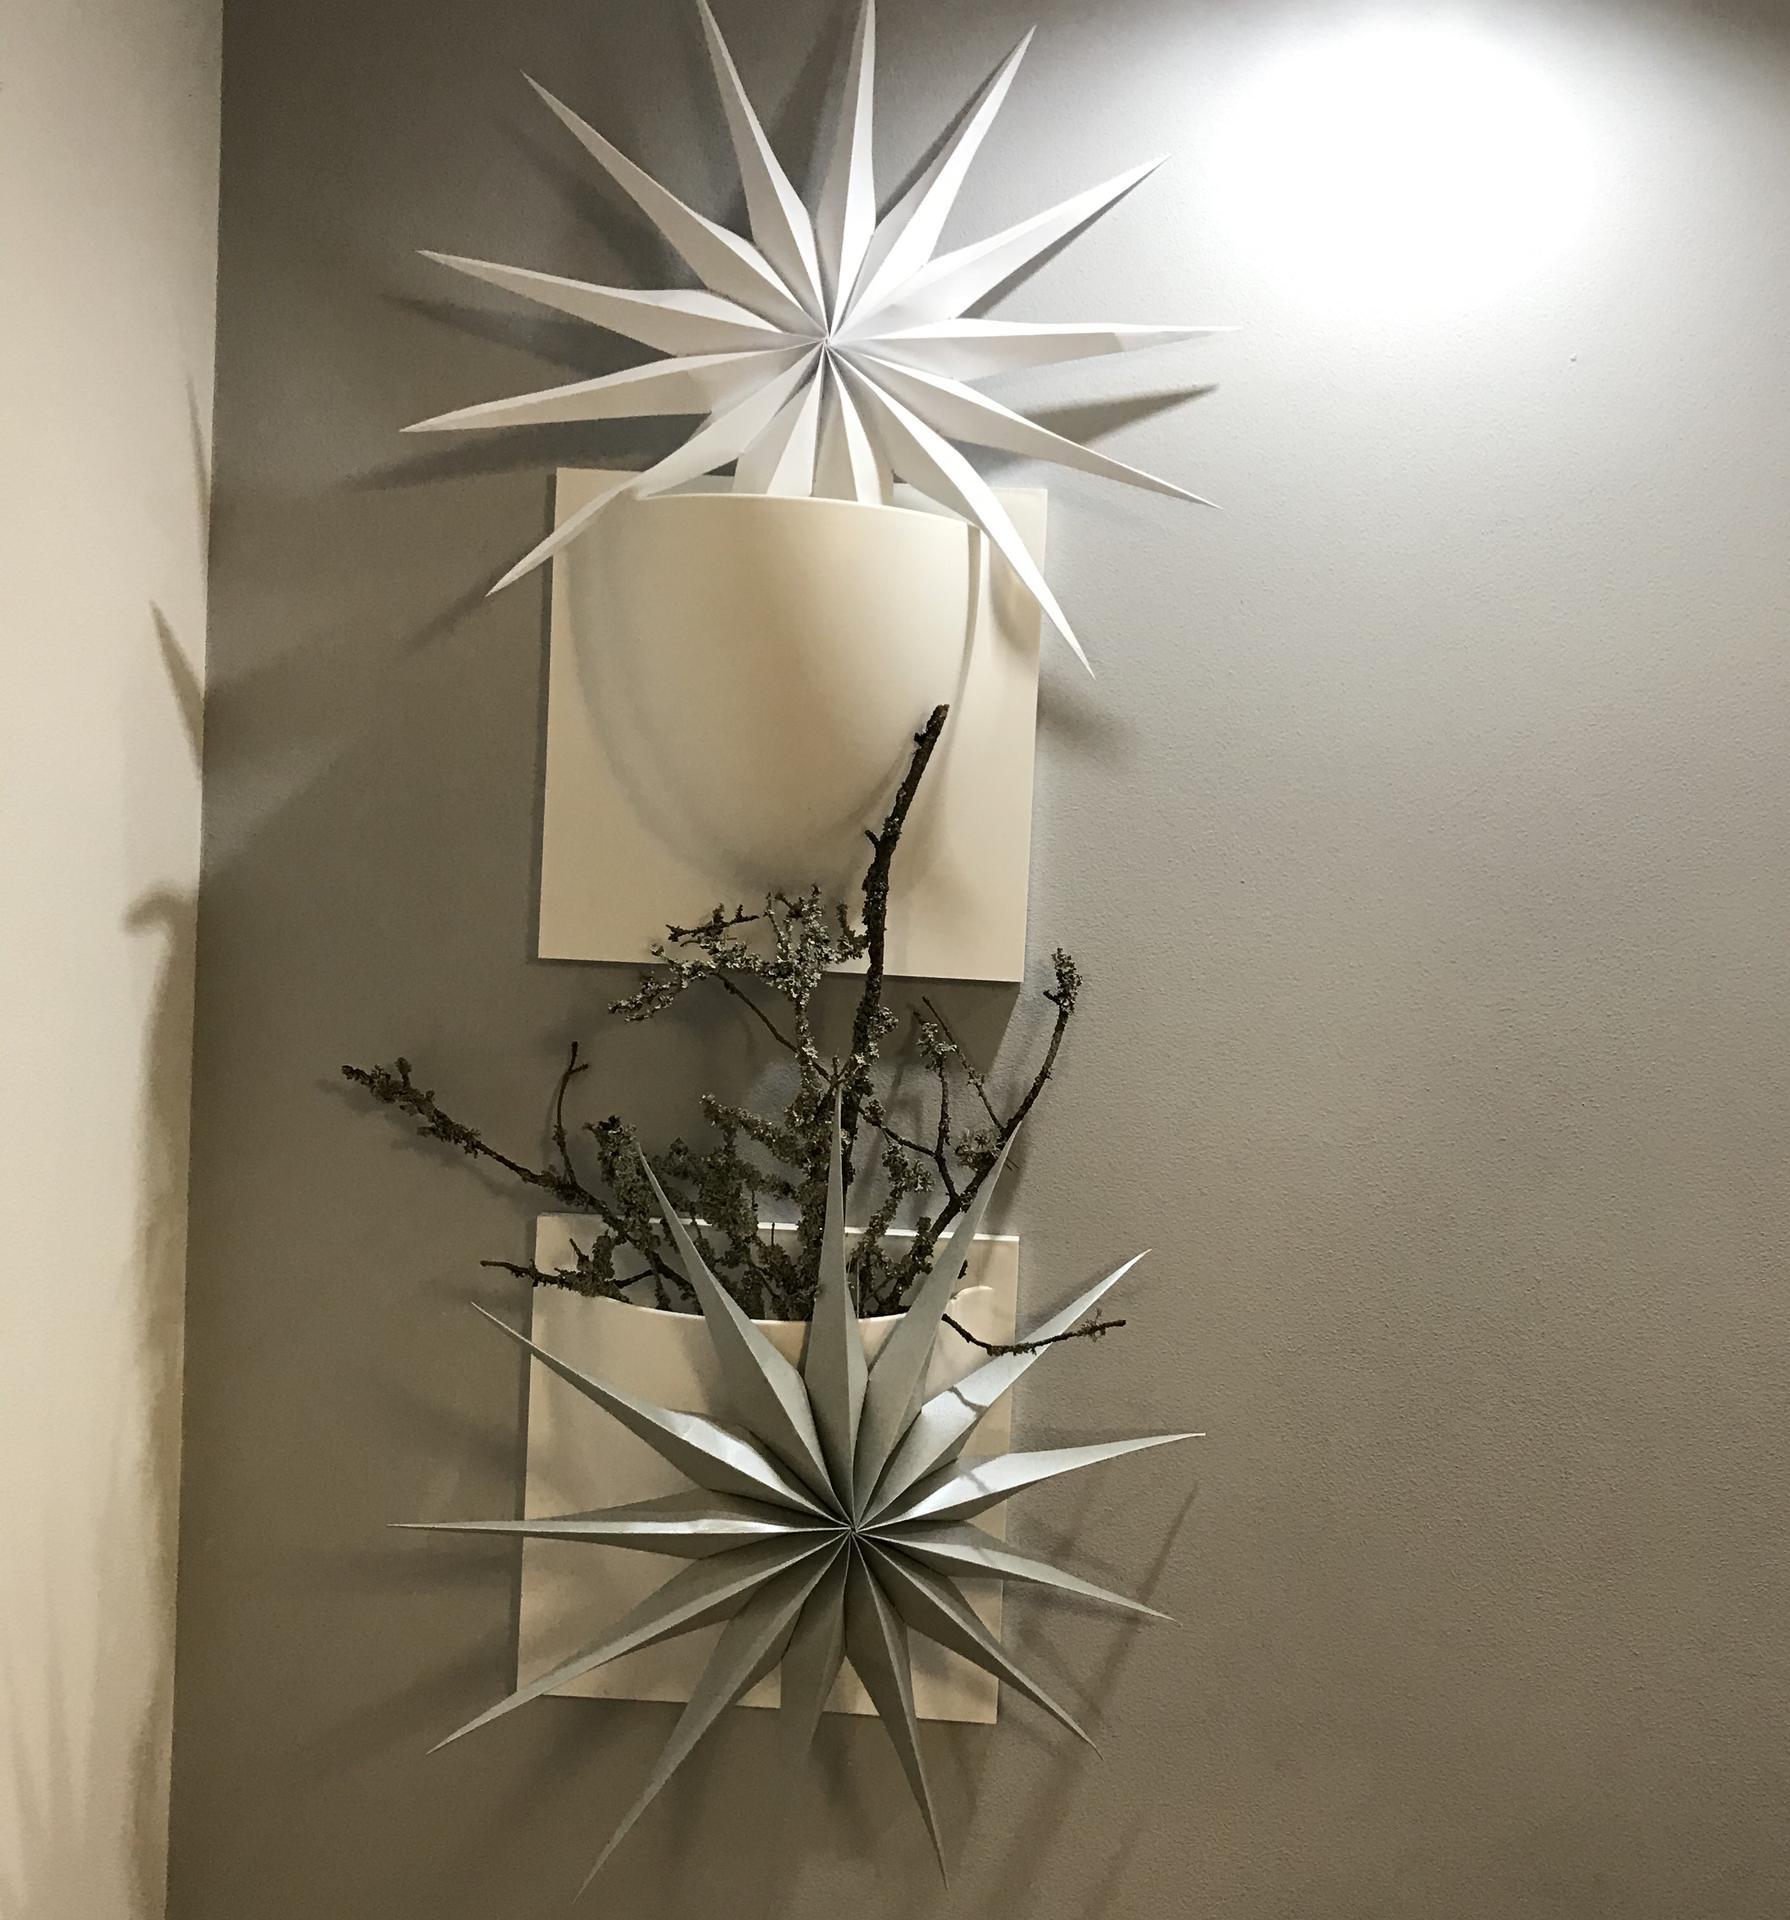 Začiatok 3. roku bývania vo vytúženom domčeku - Inšpirácia z ig, alebo od: @lenkagiec